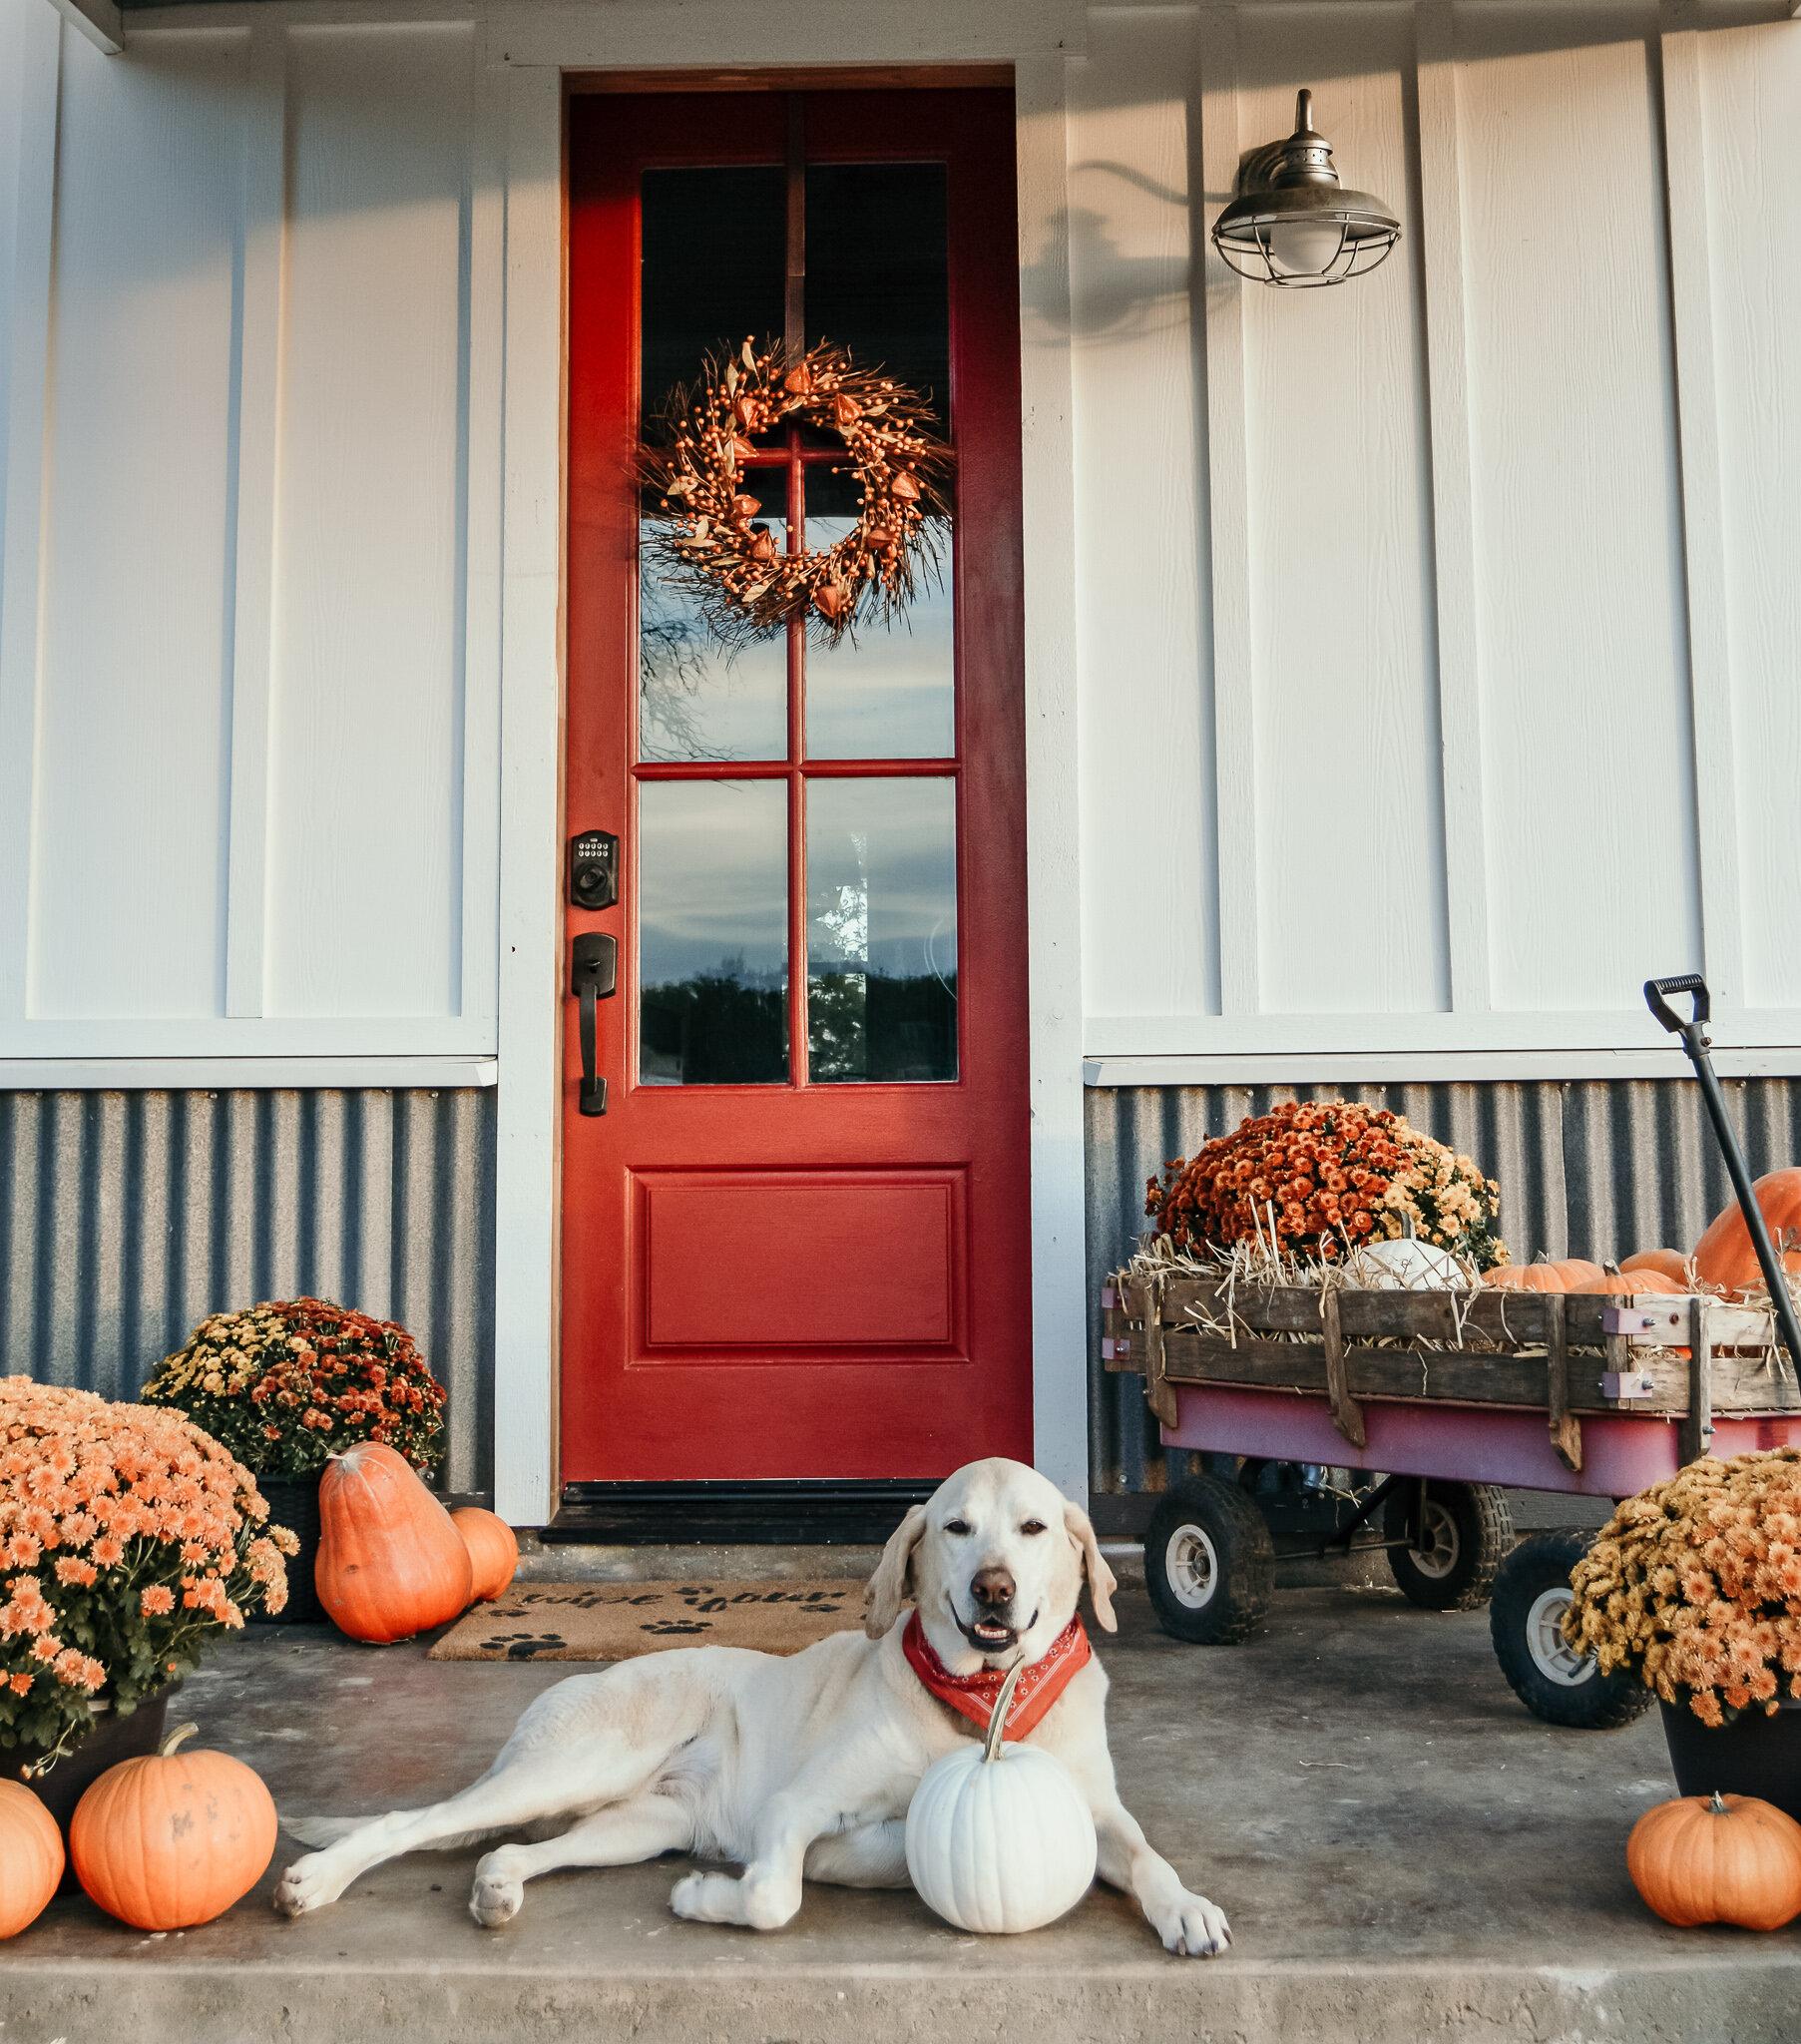 #pumpkin, #fall, #falldecor, #autumn, #pumpkinlove, #pumpkinspice, #fallflowers, #flowerfarmer, #farmerlove, #summergarden, #autumn, #vintage, #farmtofork, #homesteading, #homestead, #homesteadinglife, #autumnviews, #homegrown #porch #mums, #farmhouseporch, #fallporch, #falldecor, #fallobsessed, #labradors, #farmhousedecor